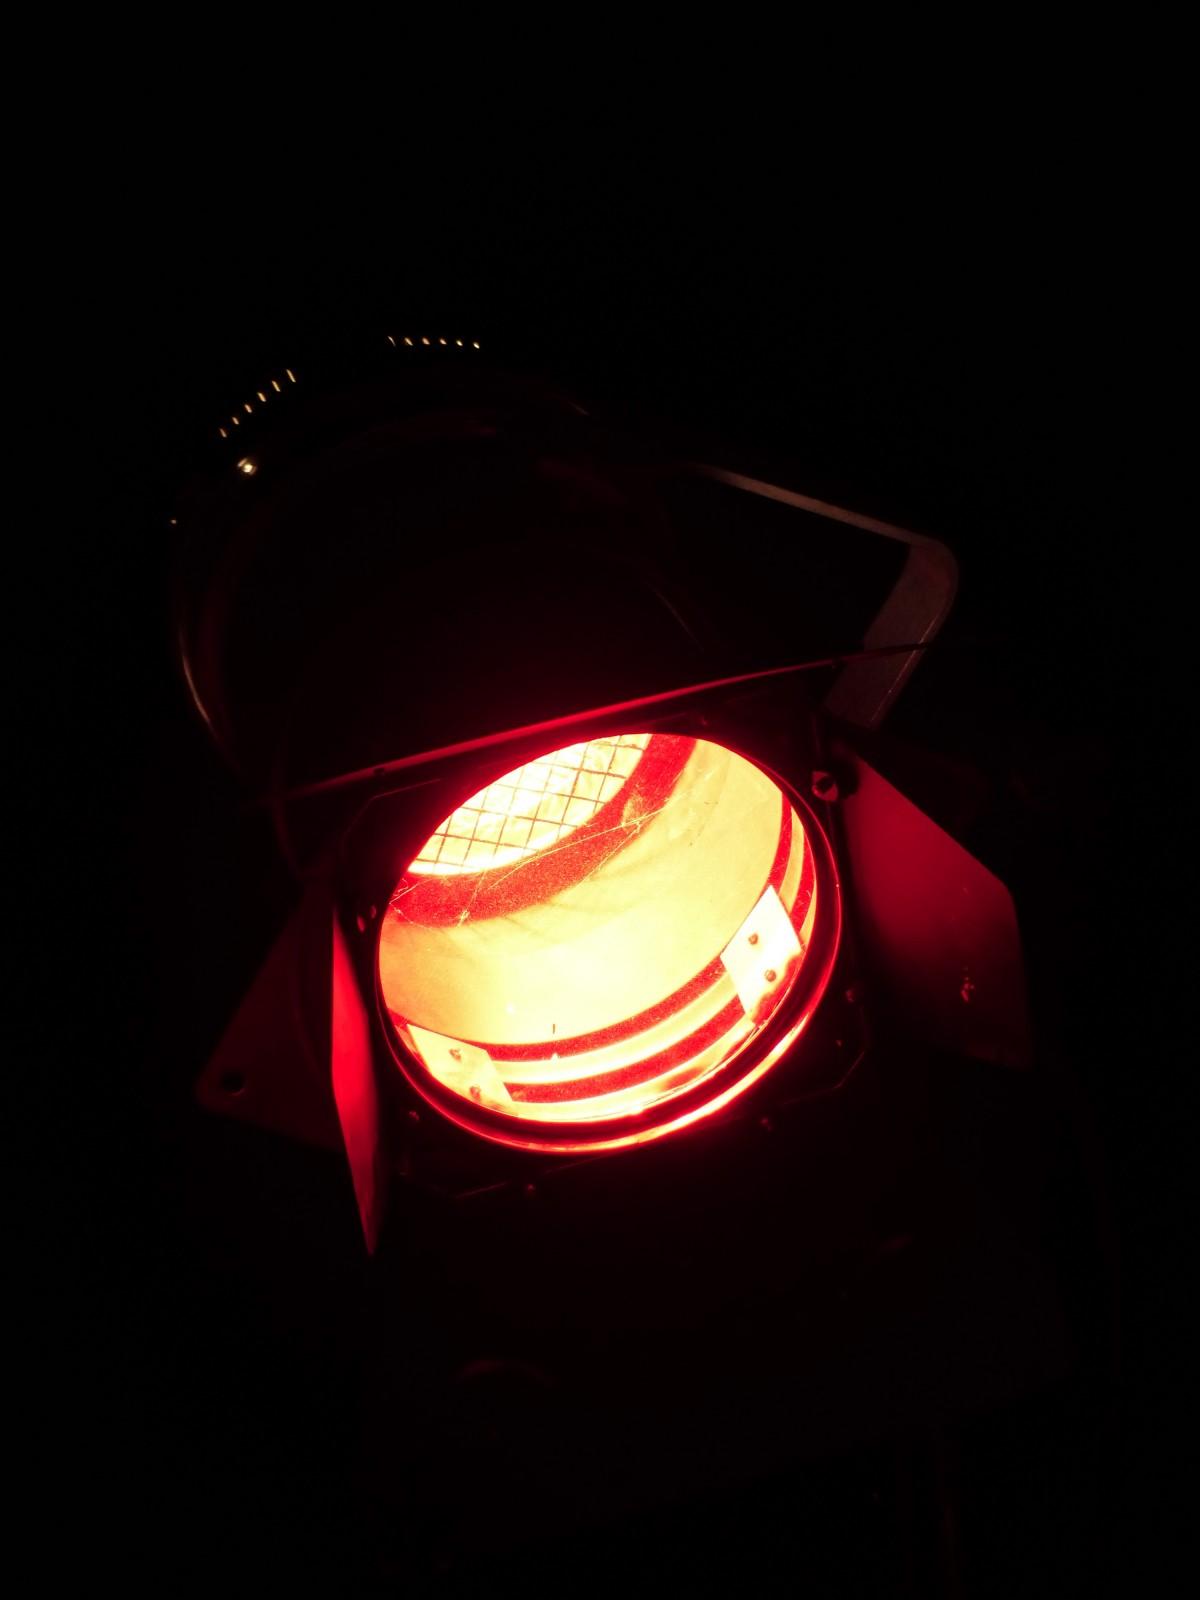 images gratuites nuit couleur obscurit lampe noir jaune clairage projecteur cercle. Black Bedroom Furniture Sets. Home Design Ideas